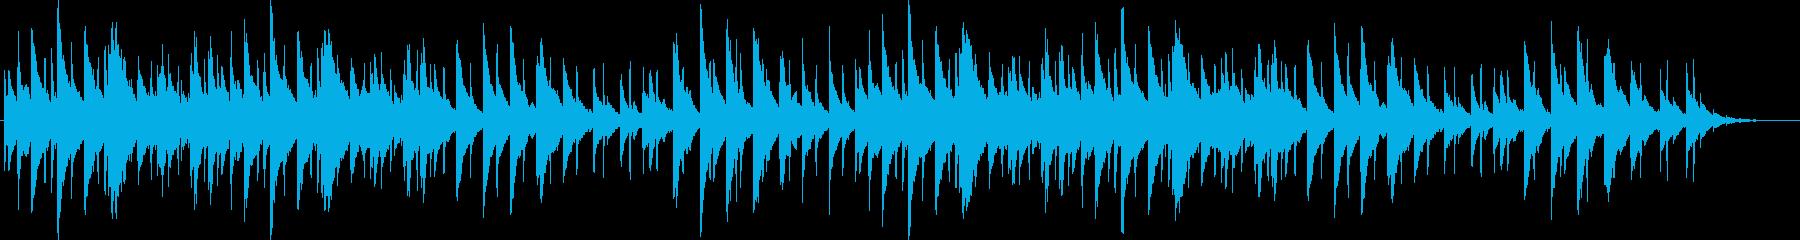 メロディアスでノスタルジーな音色の曲の再生済みの波形